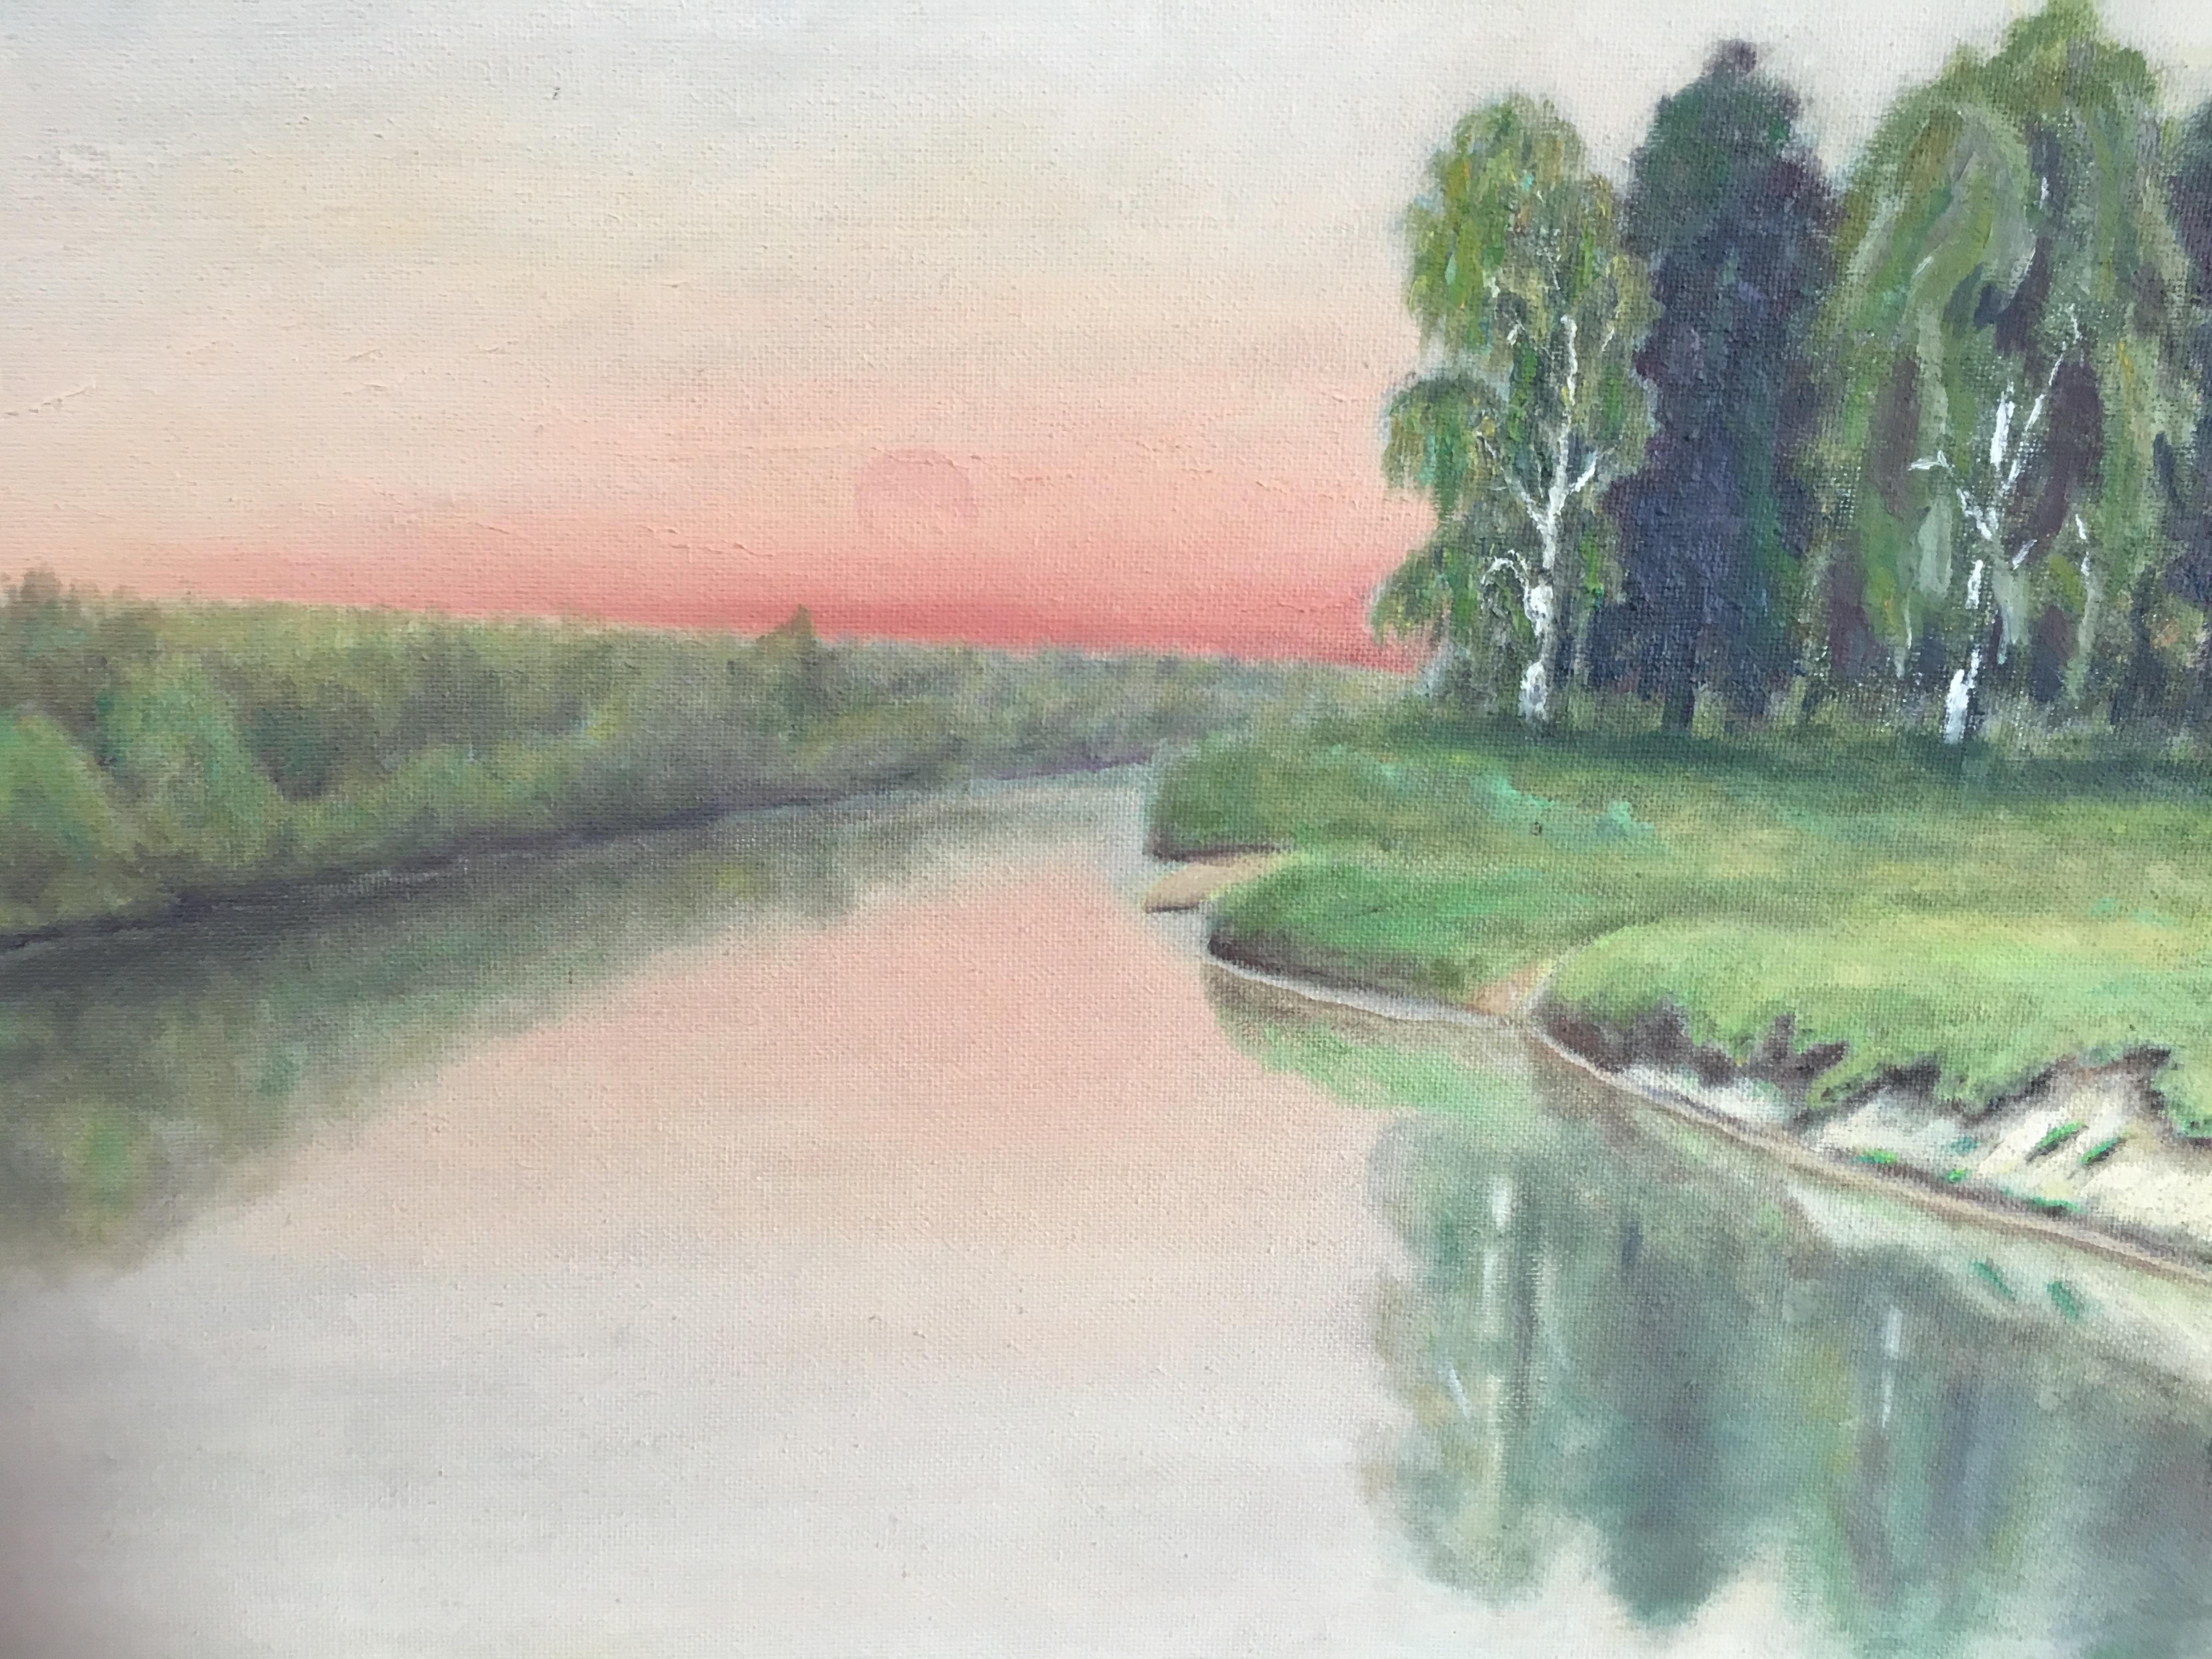 Obraz z archiwum Szymona Majewskiego